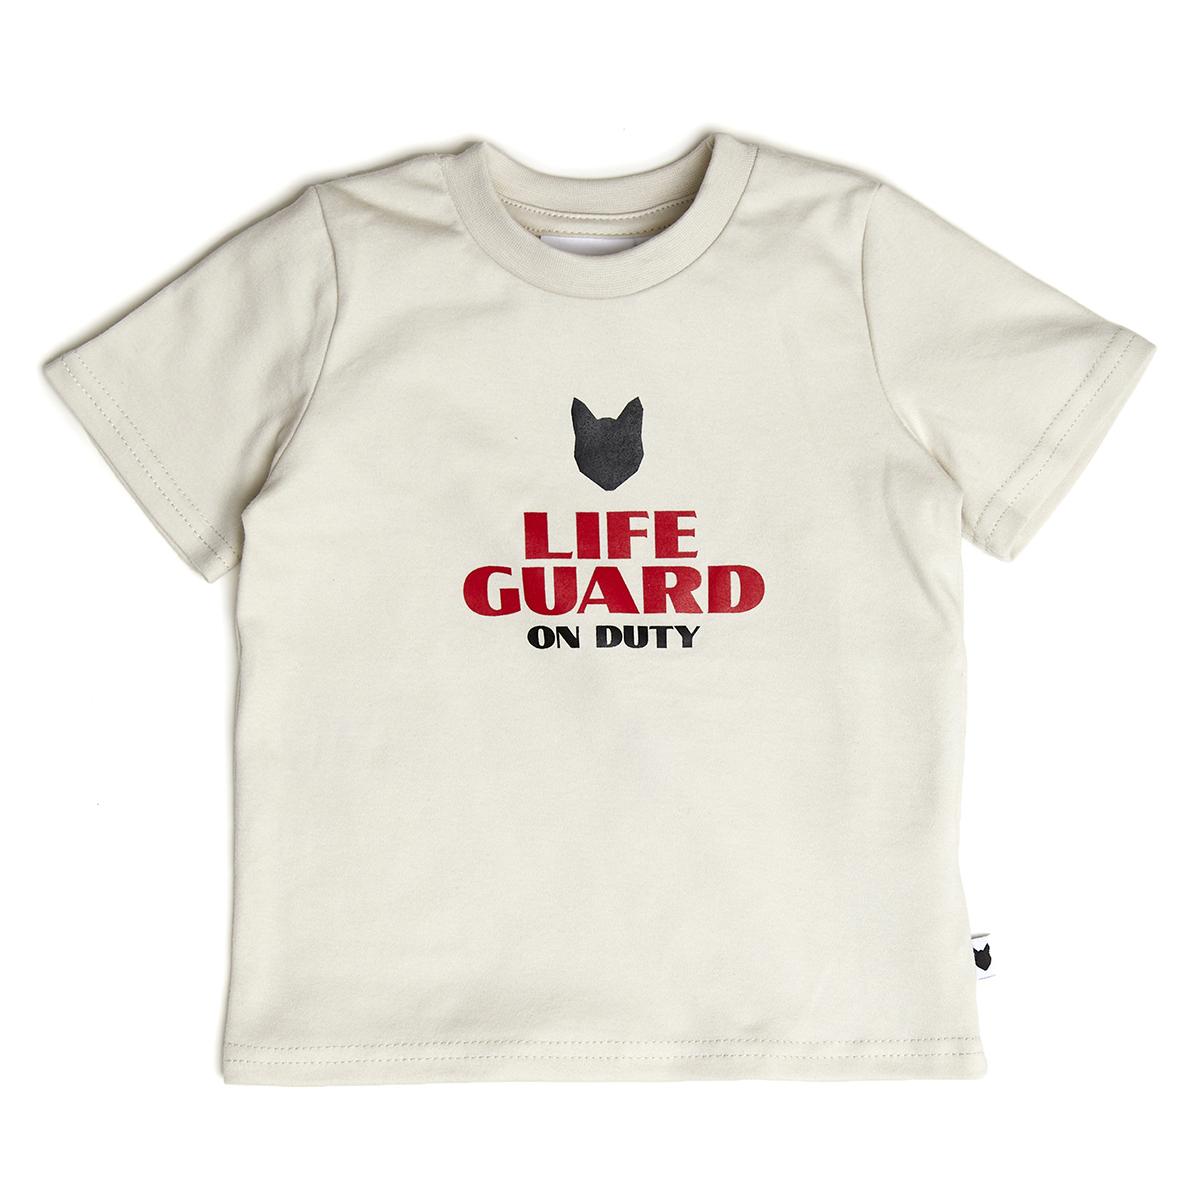 Hauts bébé Tee-Shirt Lifeguard - 2/3 Ans Tee-Shirt Lifeguard - 2/3 Ans